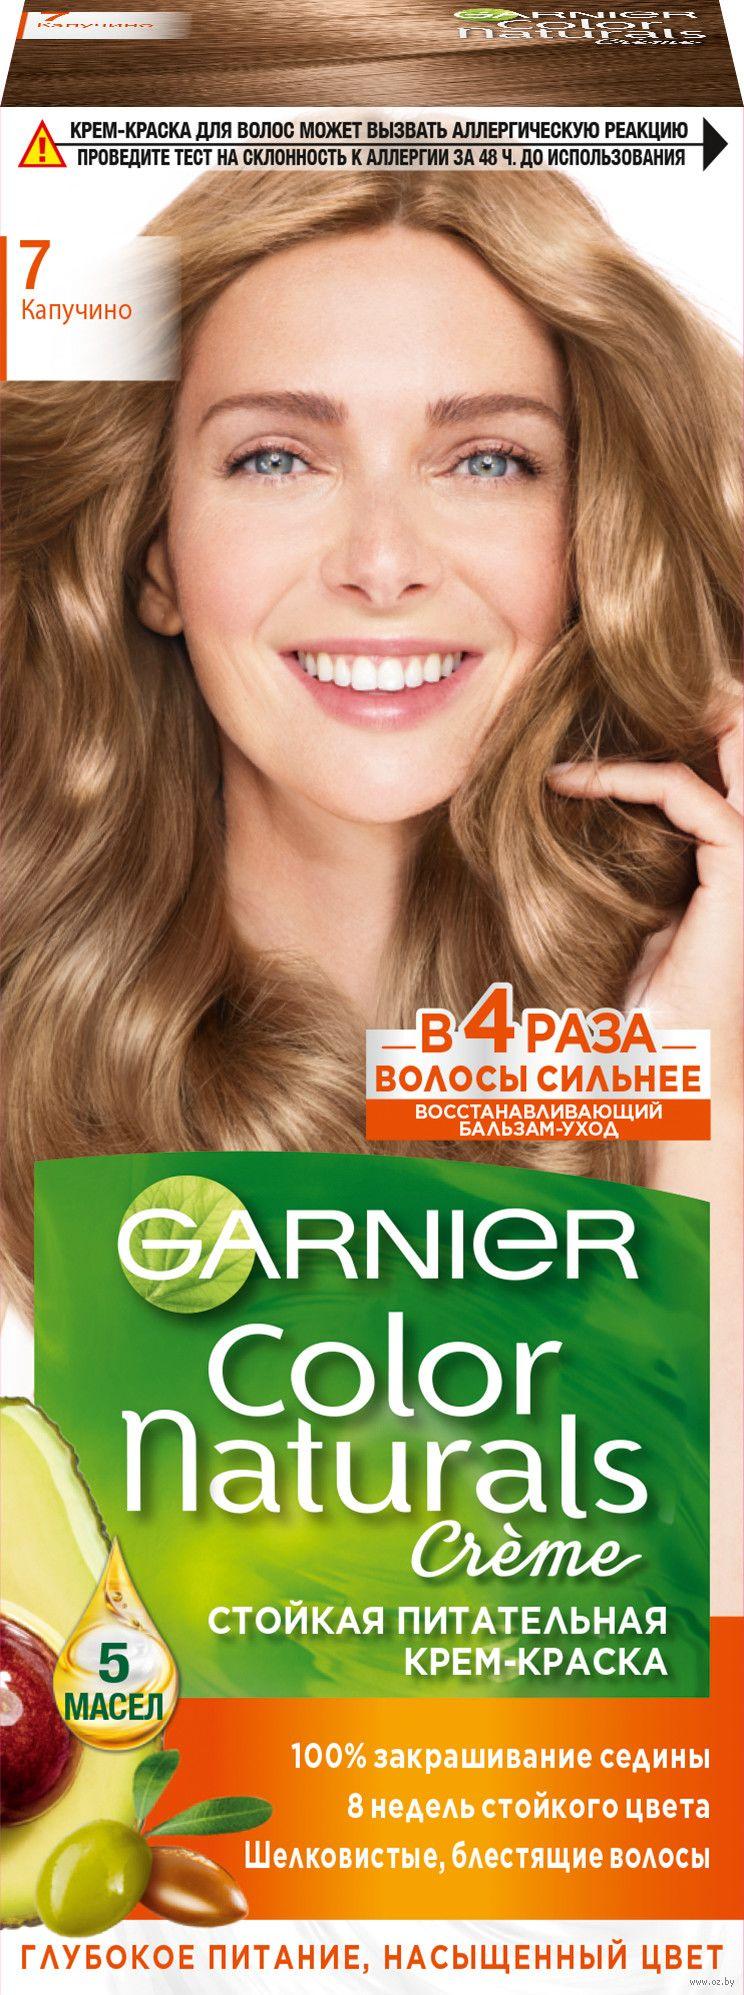 Краска для волос гарньер капучино отзывы